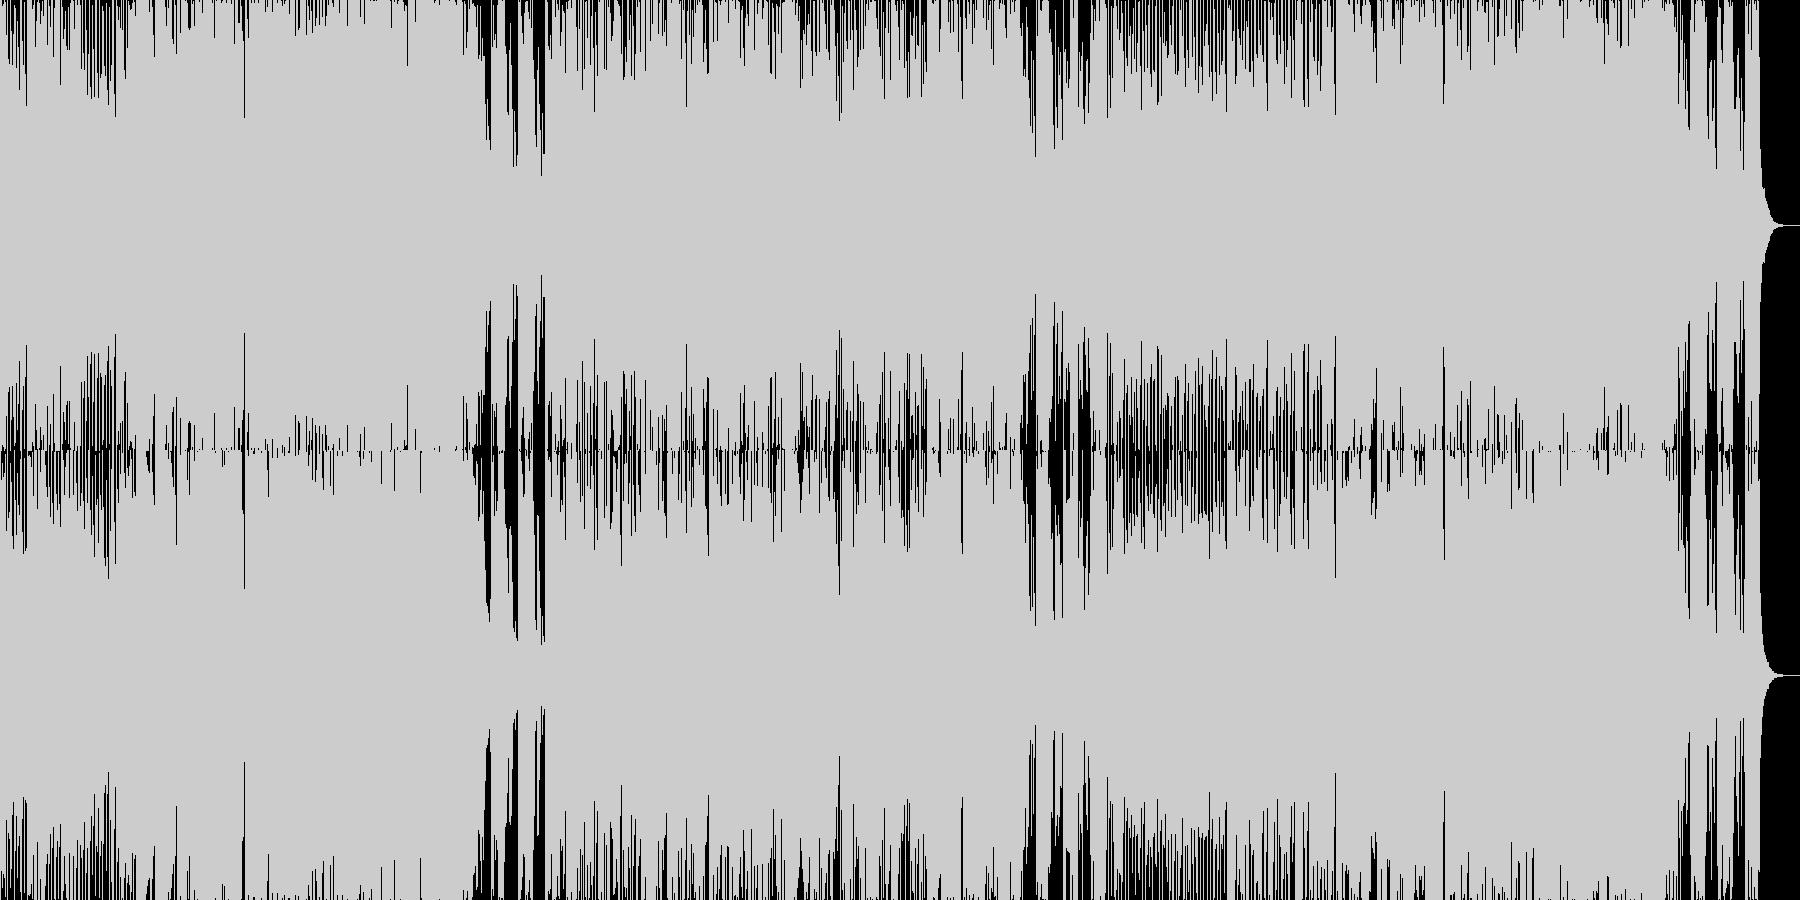 テンポの速い、勢いのあるジャズポップスの未再生の波形